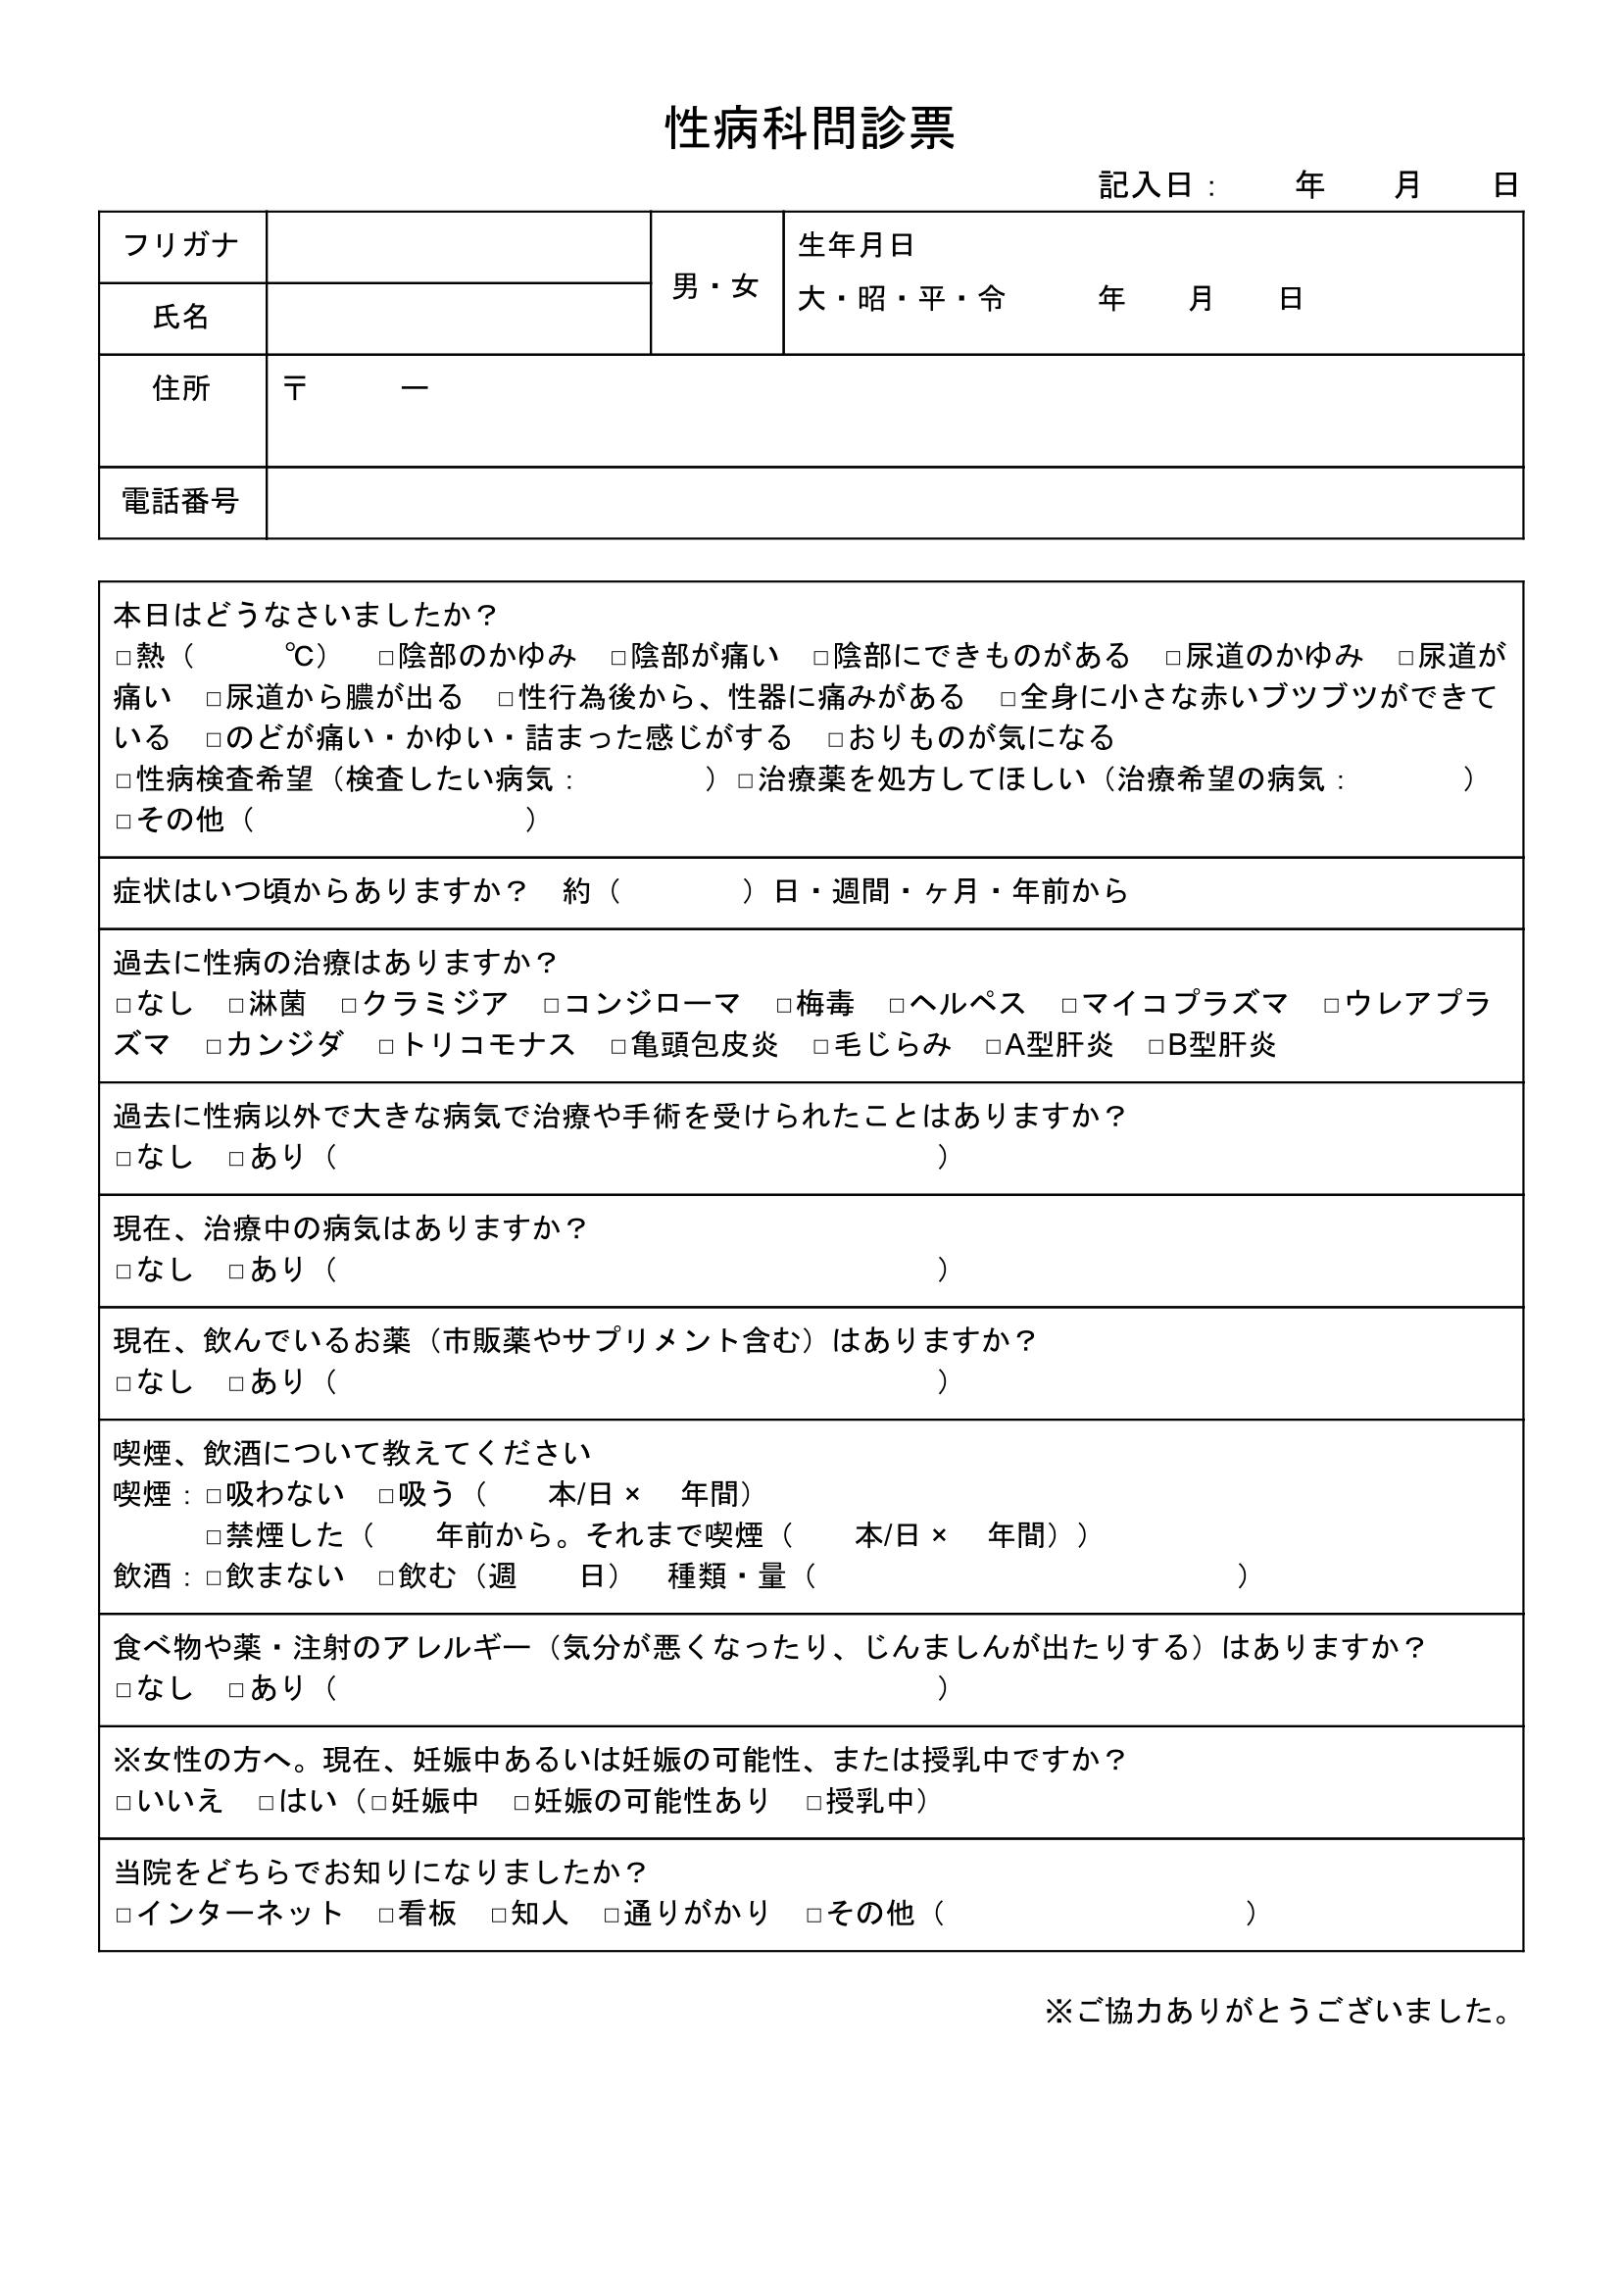 STD-monshin-sample-all